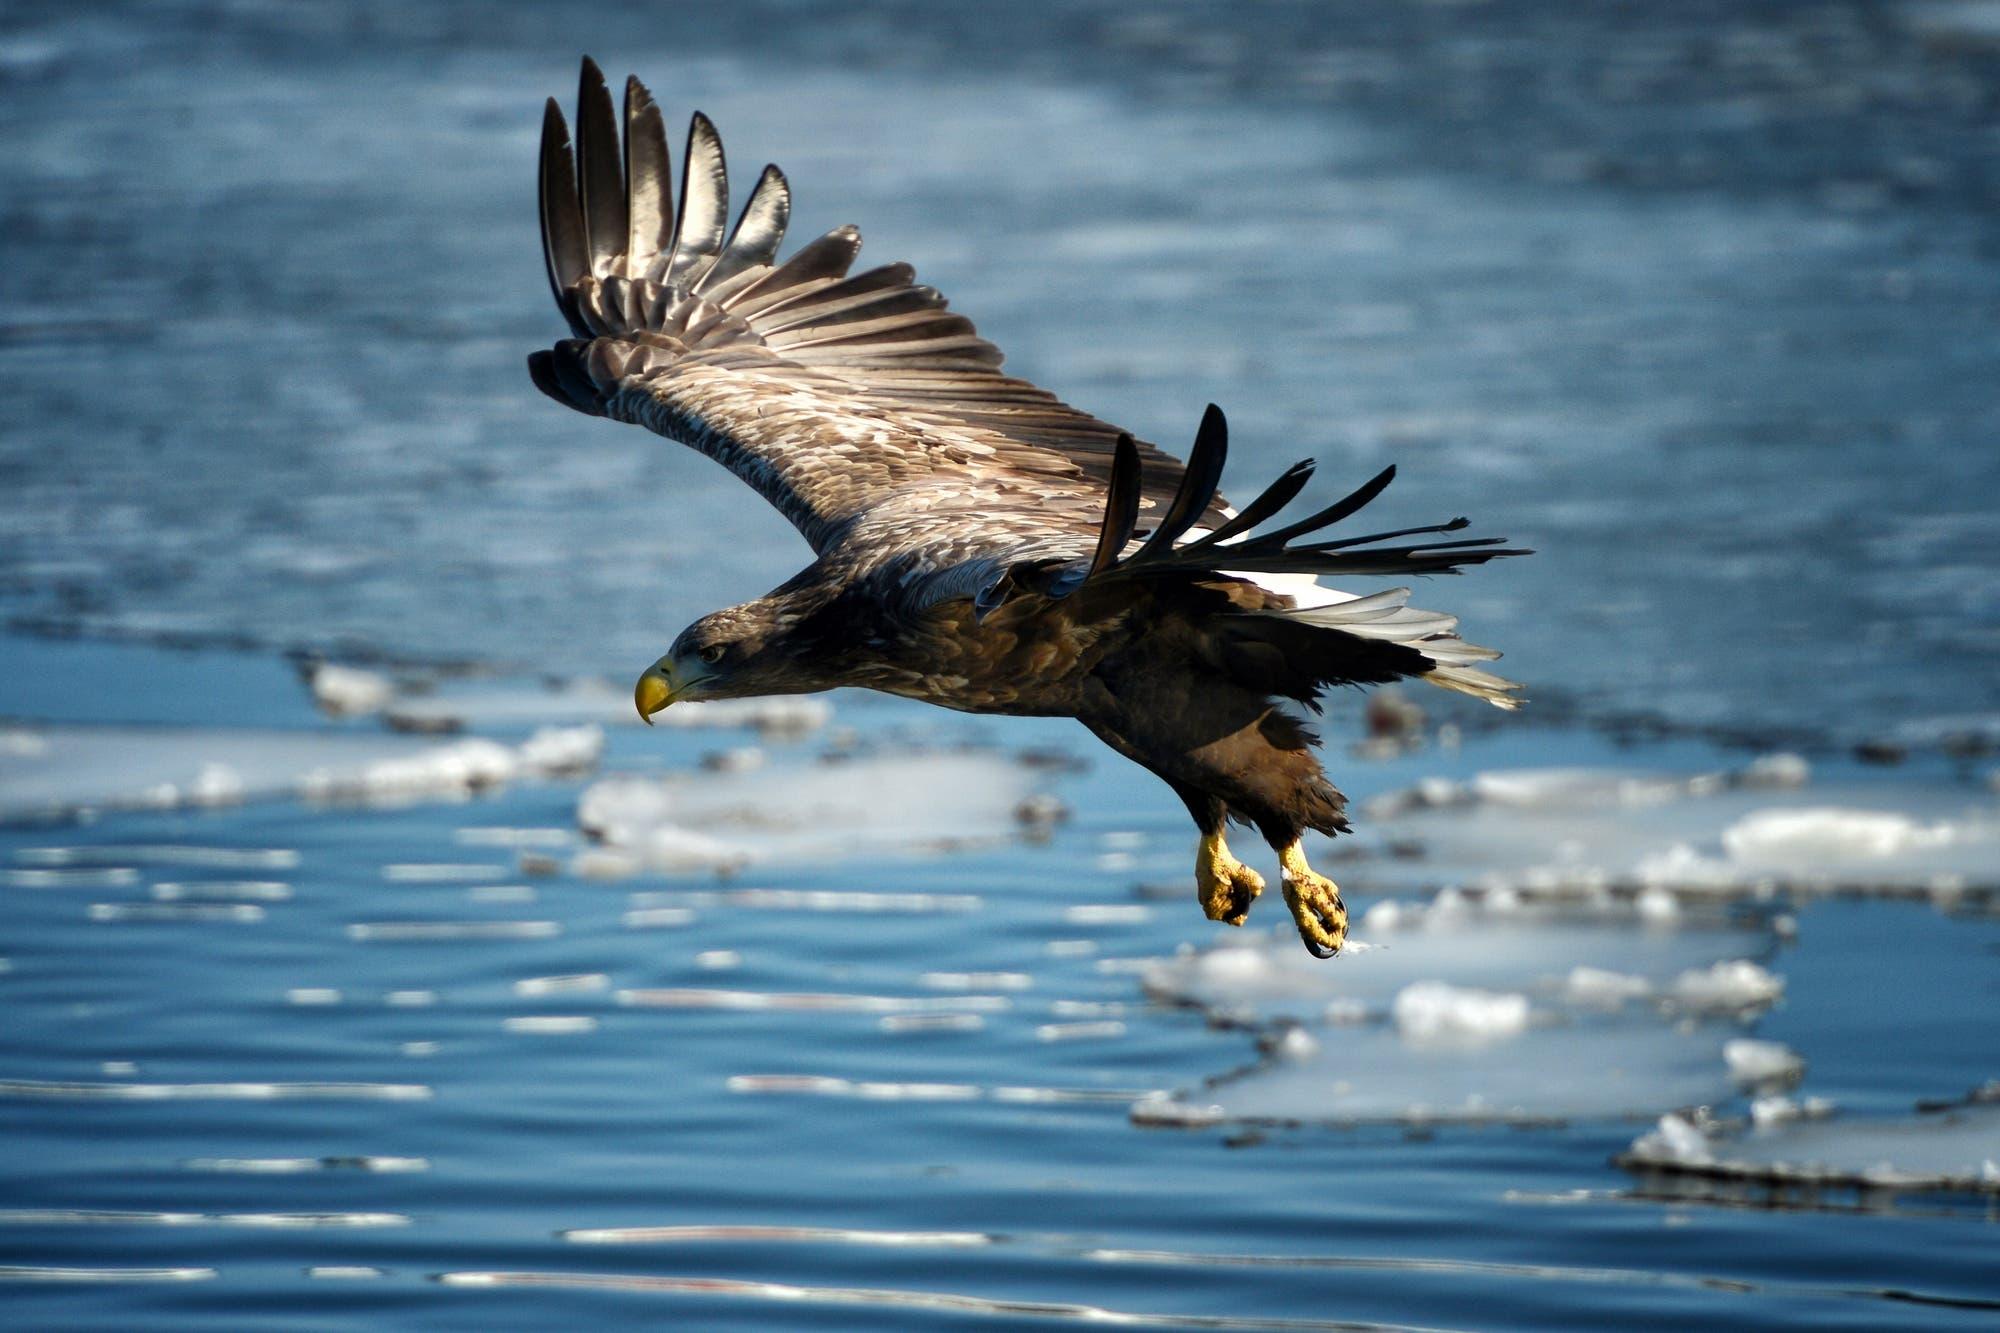 Un inesperado vuelo migratorio de un águila dejó sin fondos a científicos rusos por el costoso cargo de roaming